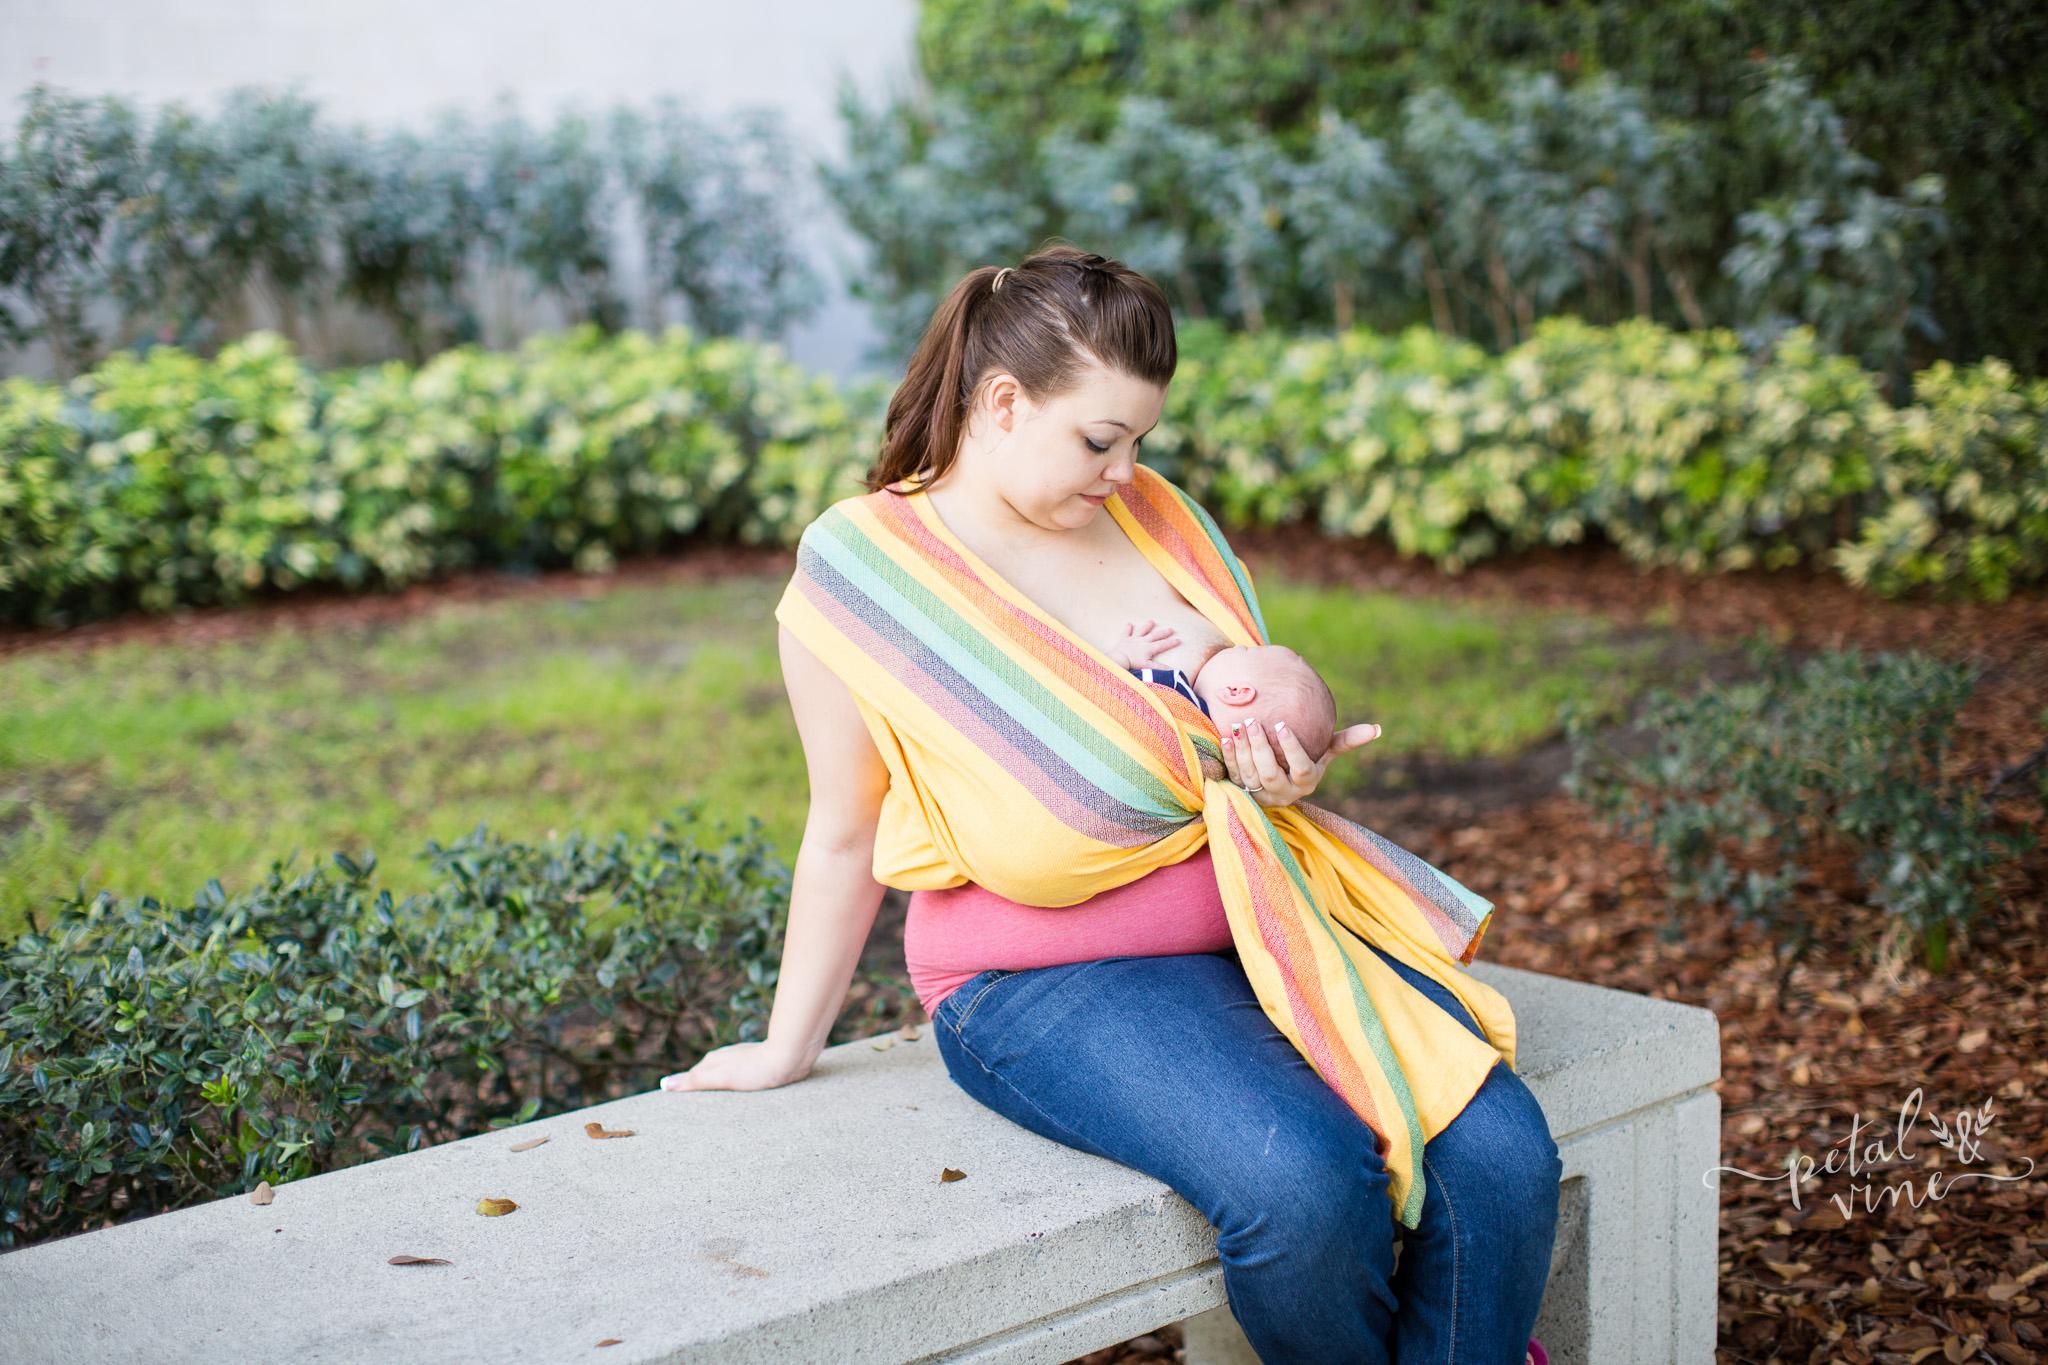 Nursing Newborn in Wrap Cradle Carry